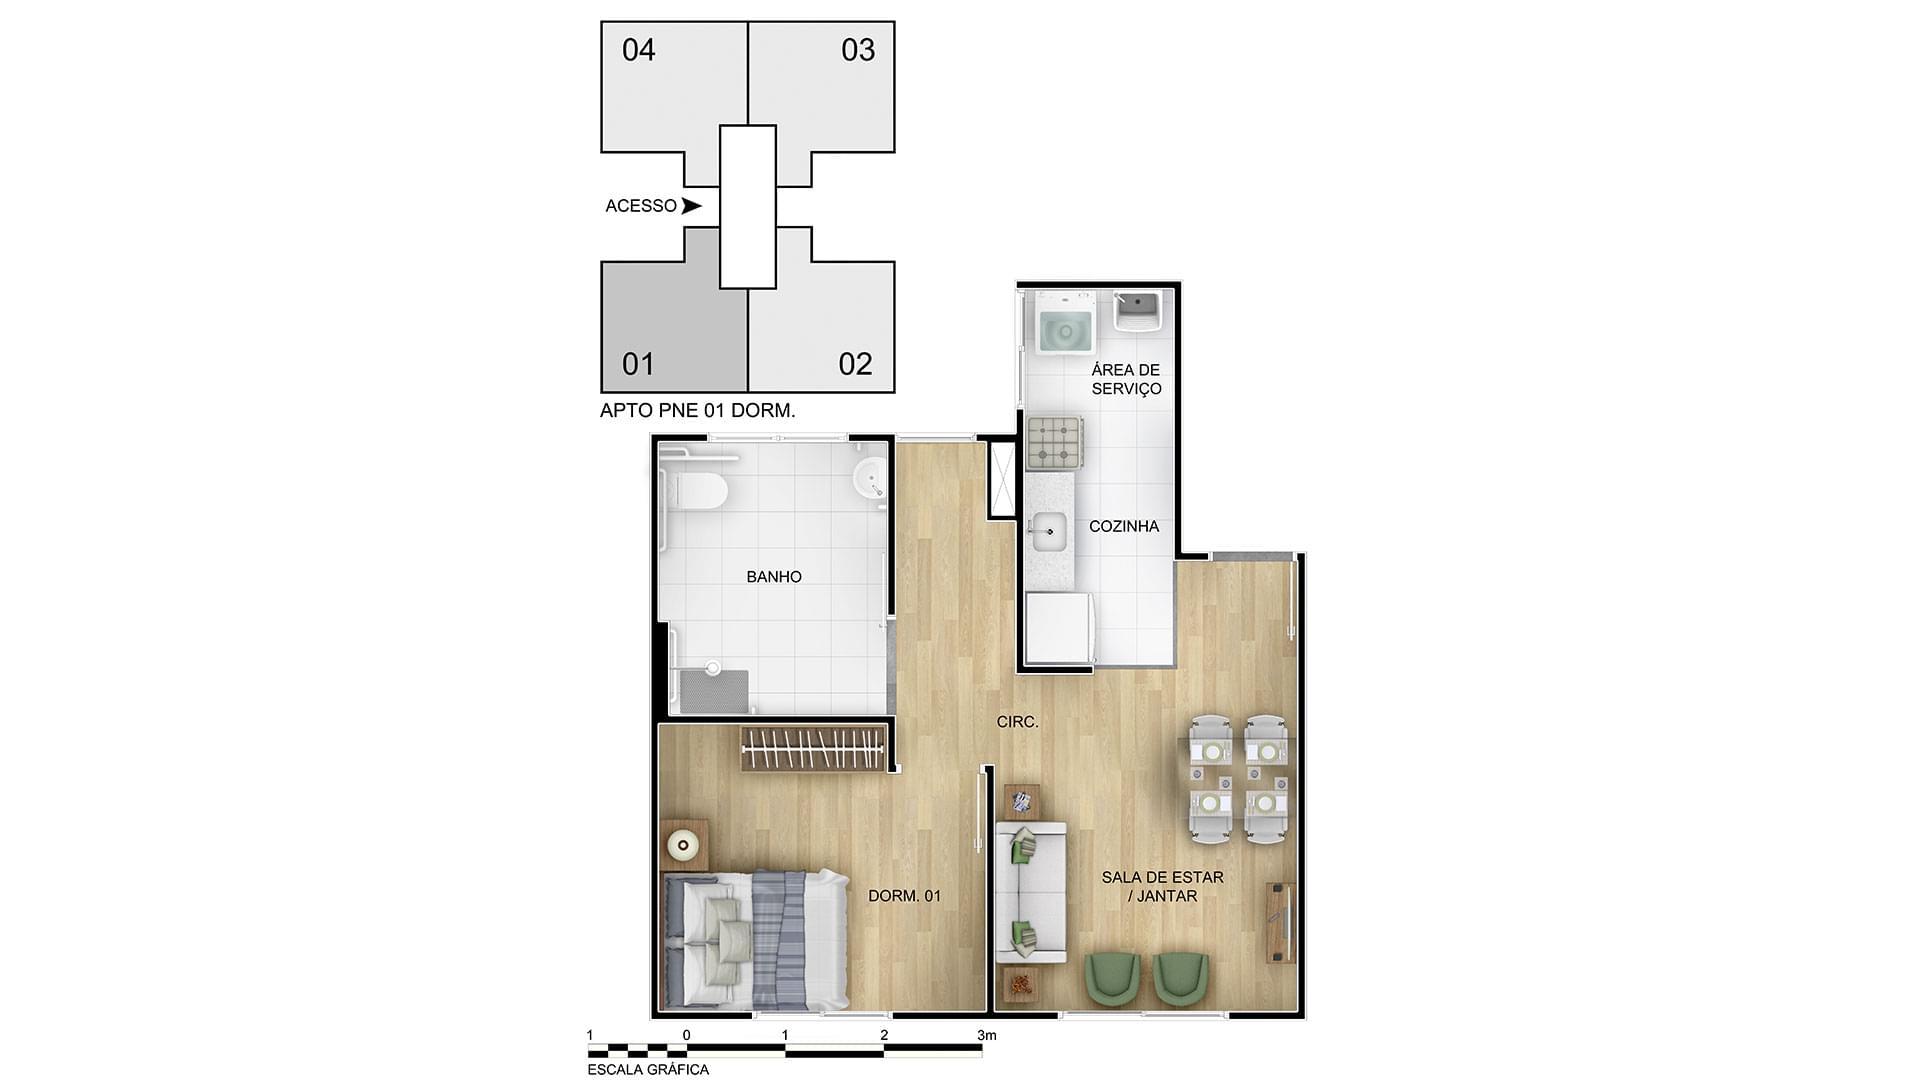 Planta de apartamento em Residencial Querência Farroupilha | Porto Alegre | RS | planta 1 | tenda.com